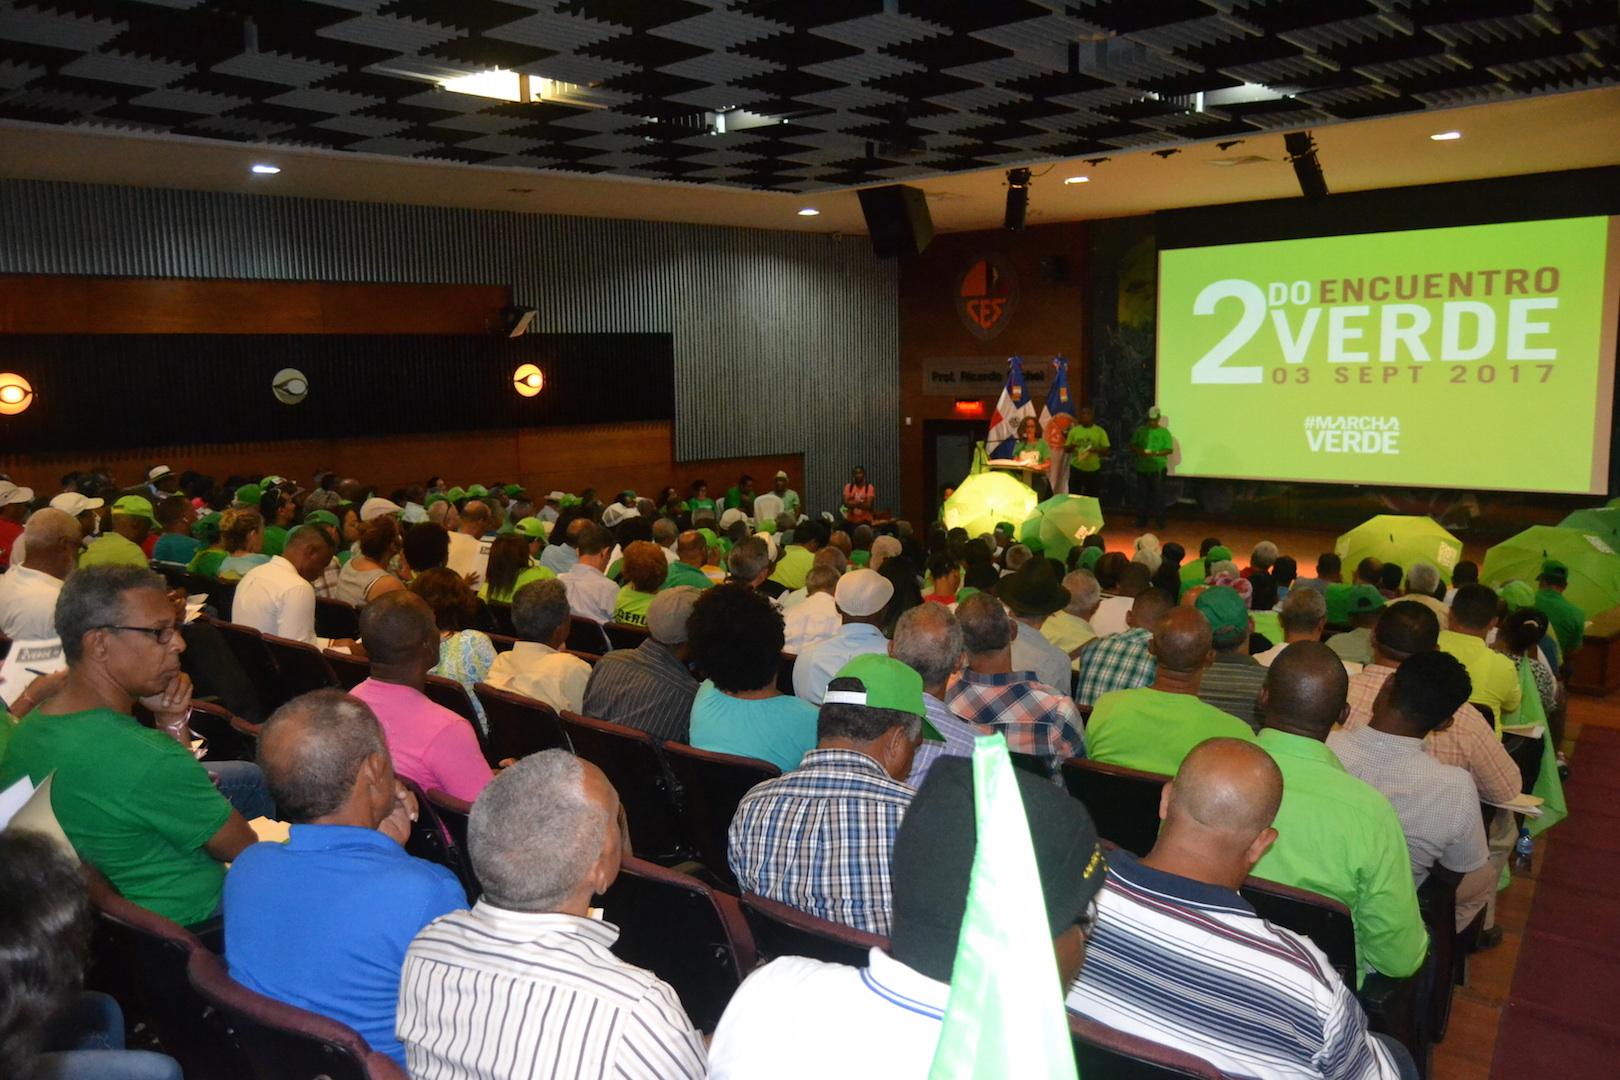 Marcha Verde intensificará proceso de lucha por el fin de la impunidad